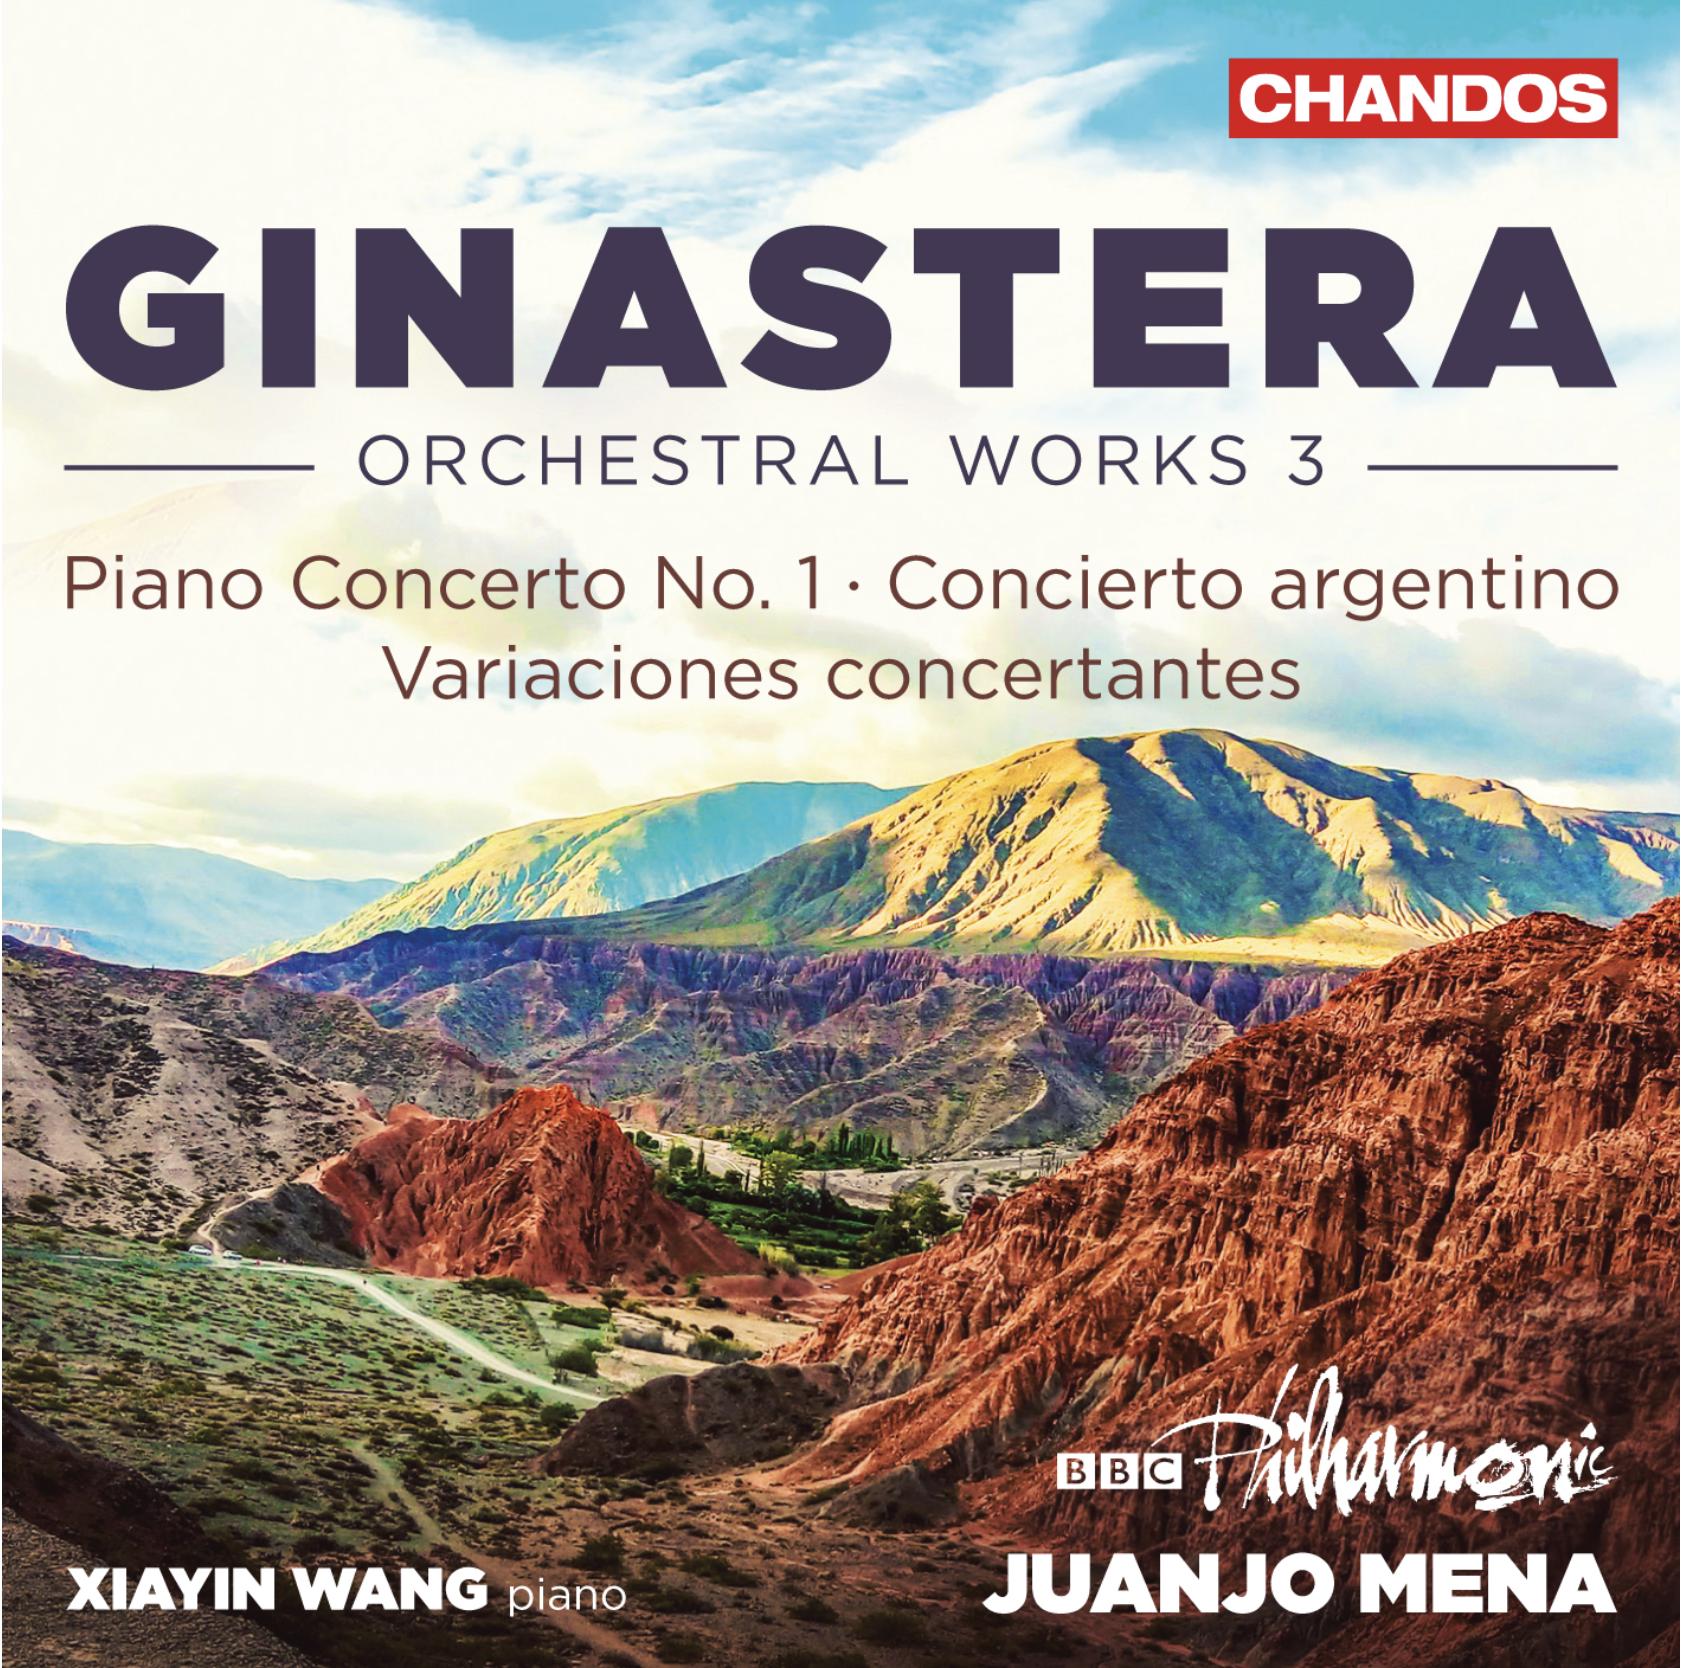 Ginastera: Orchestral Works Volume 3